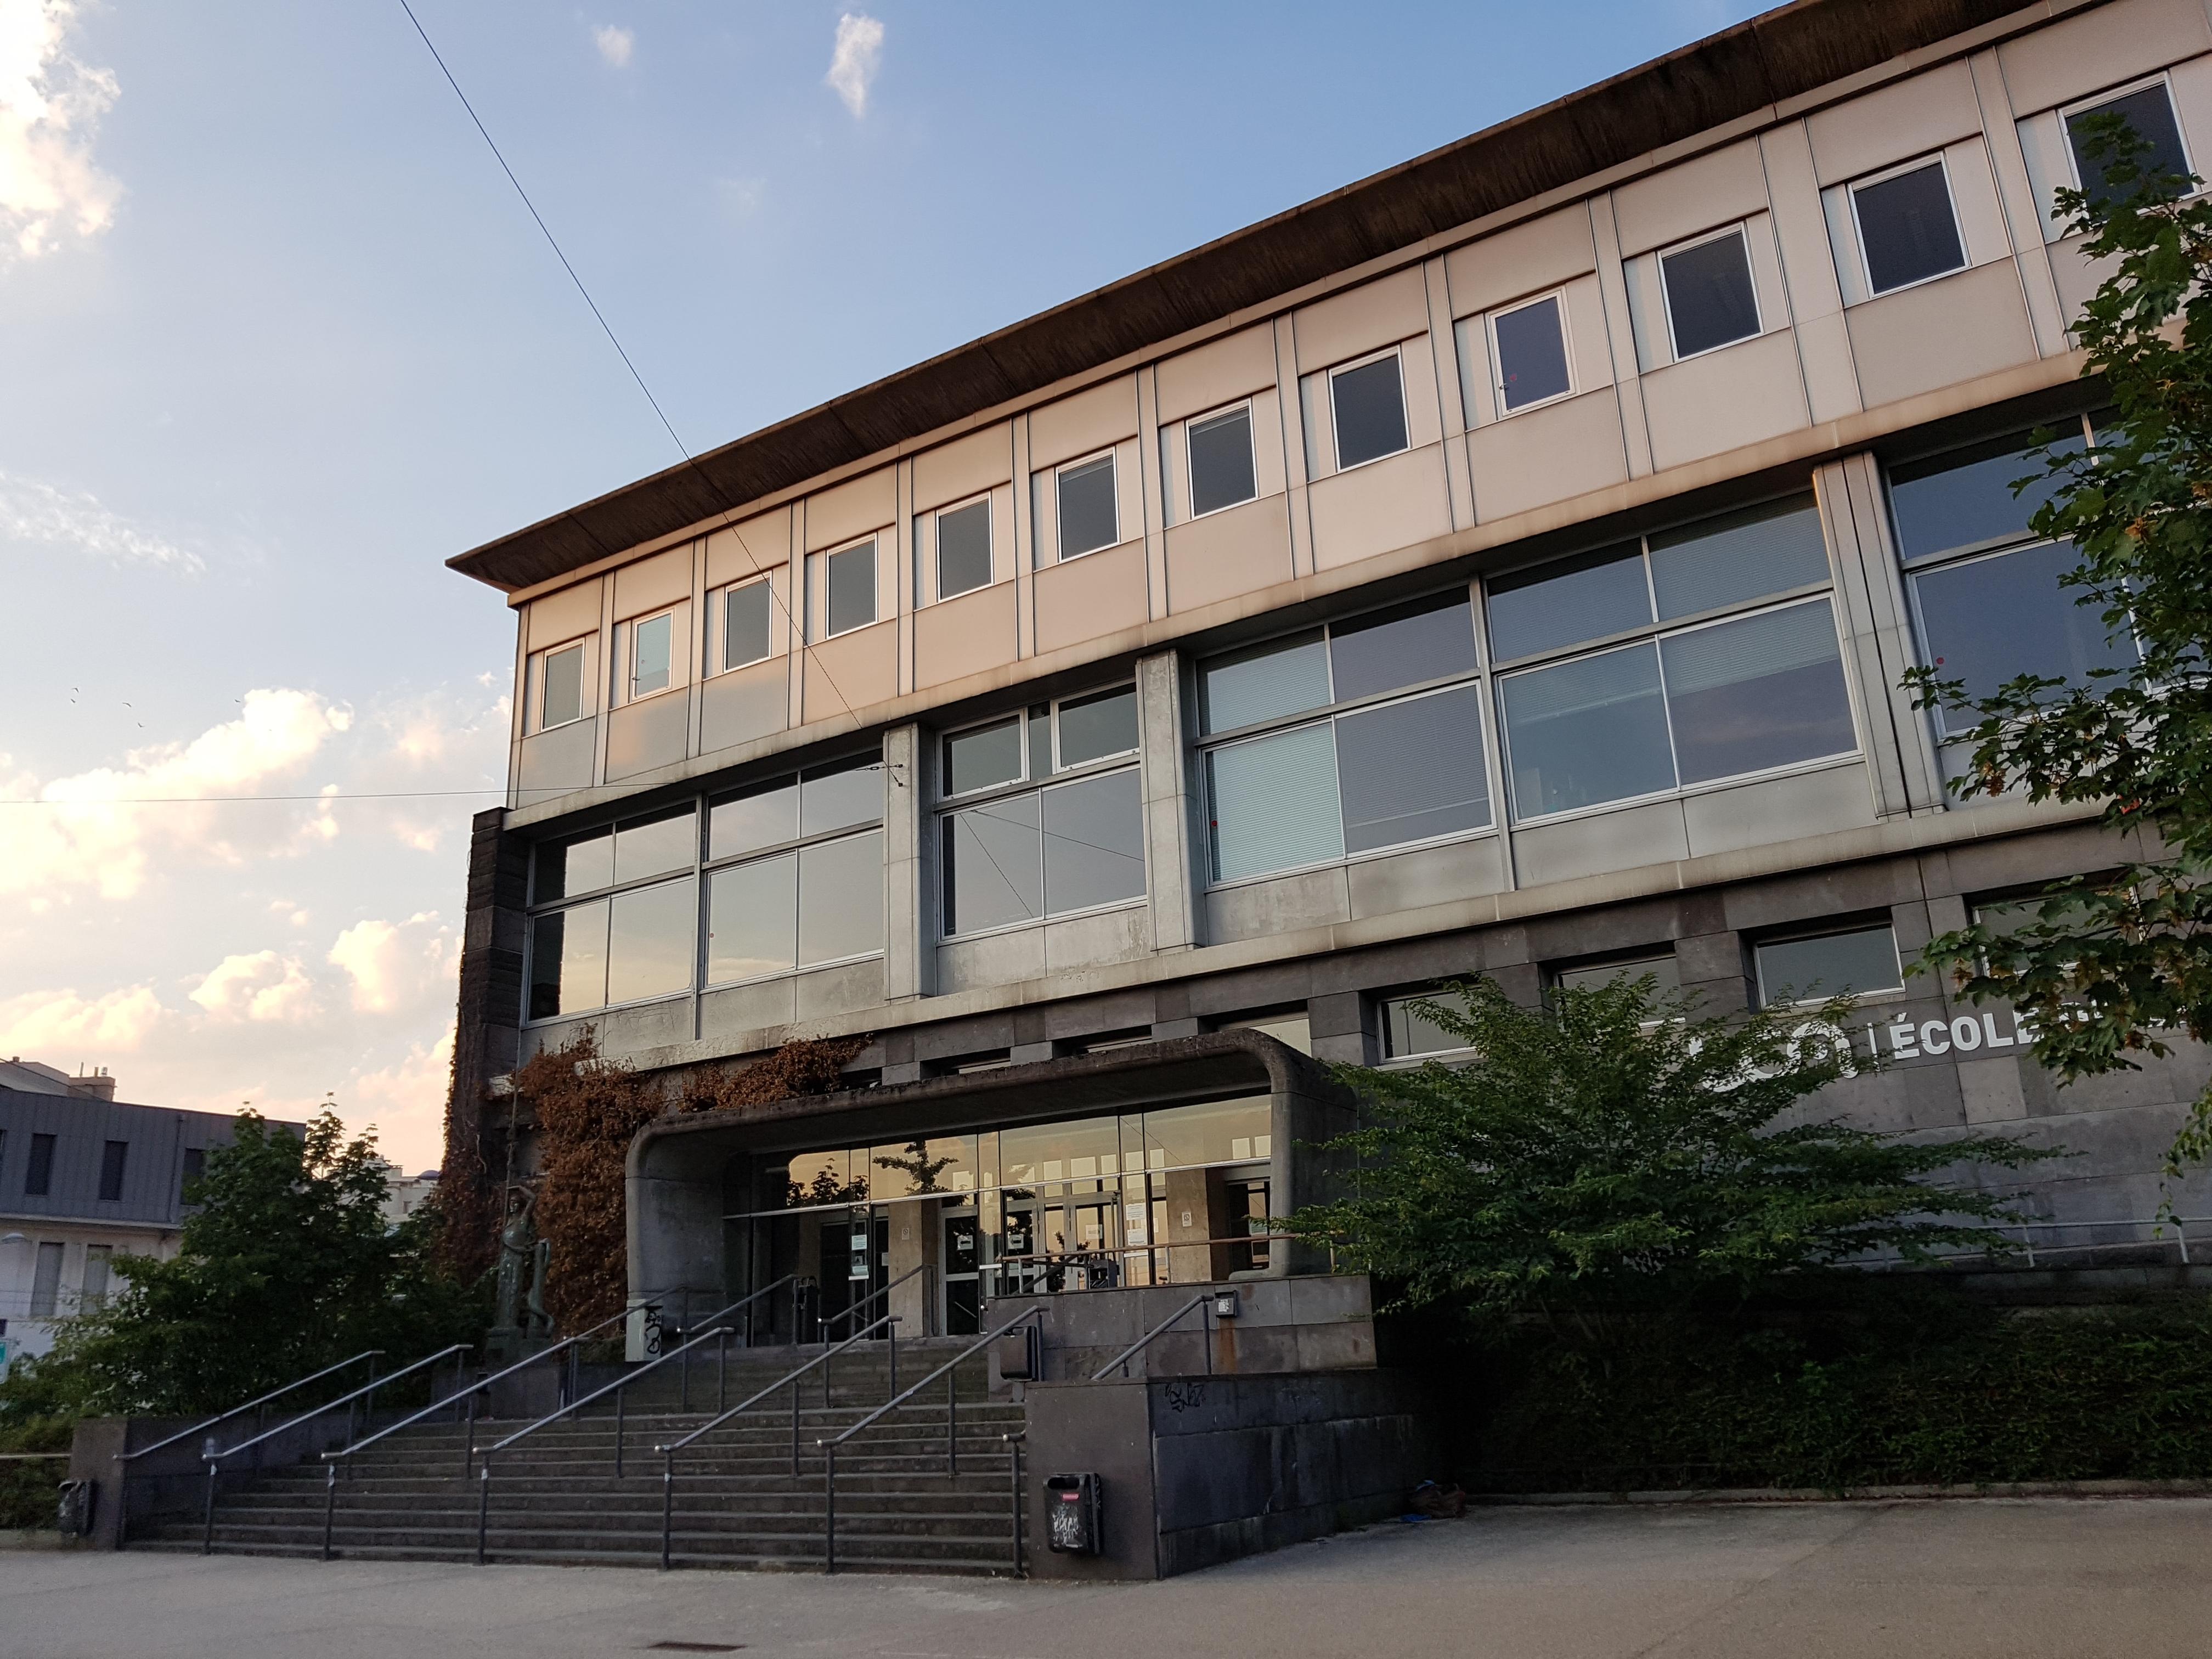 École D Architecture Clermont fichier:École de droit - clermont-ferrand — wikipédia